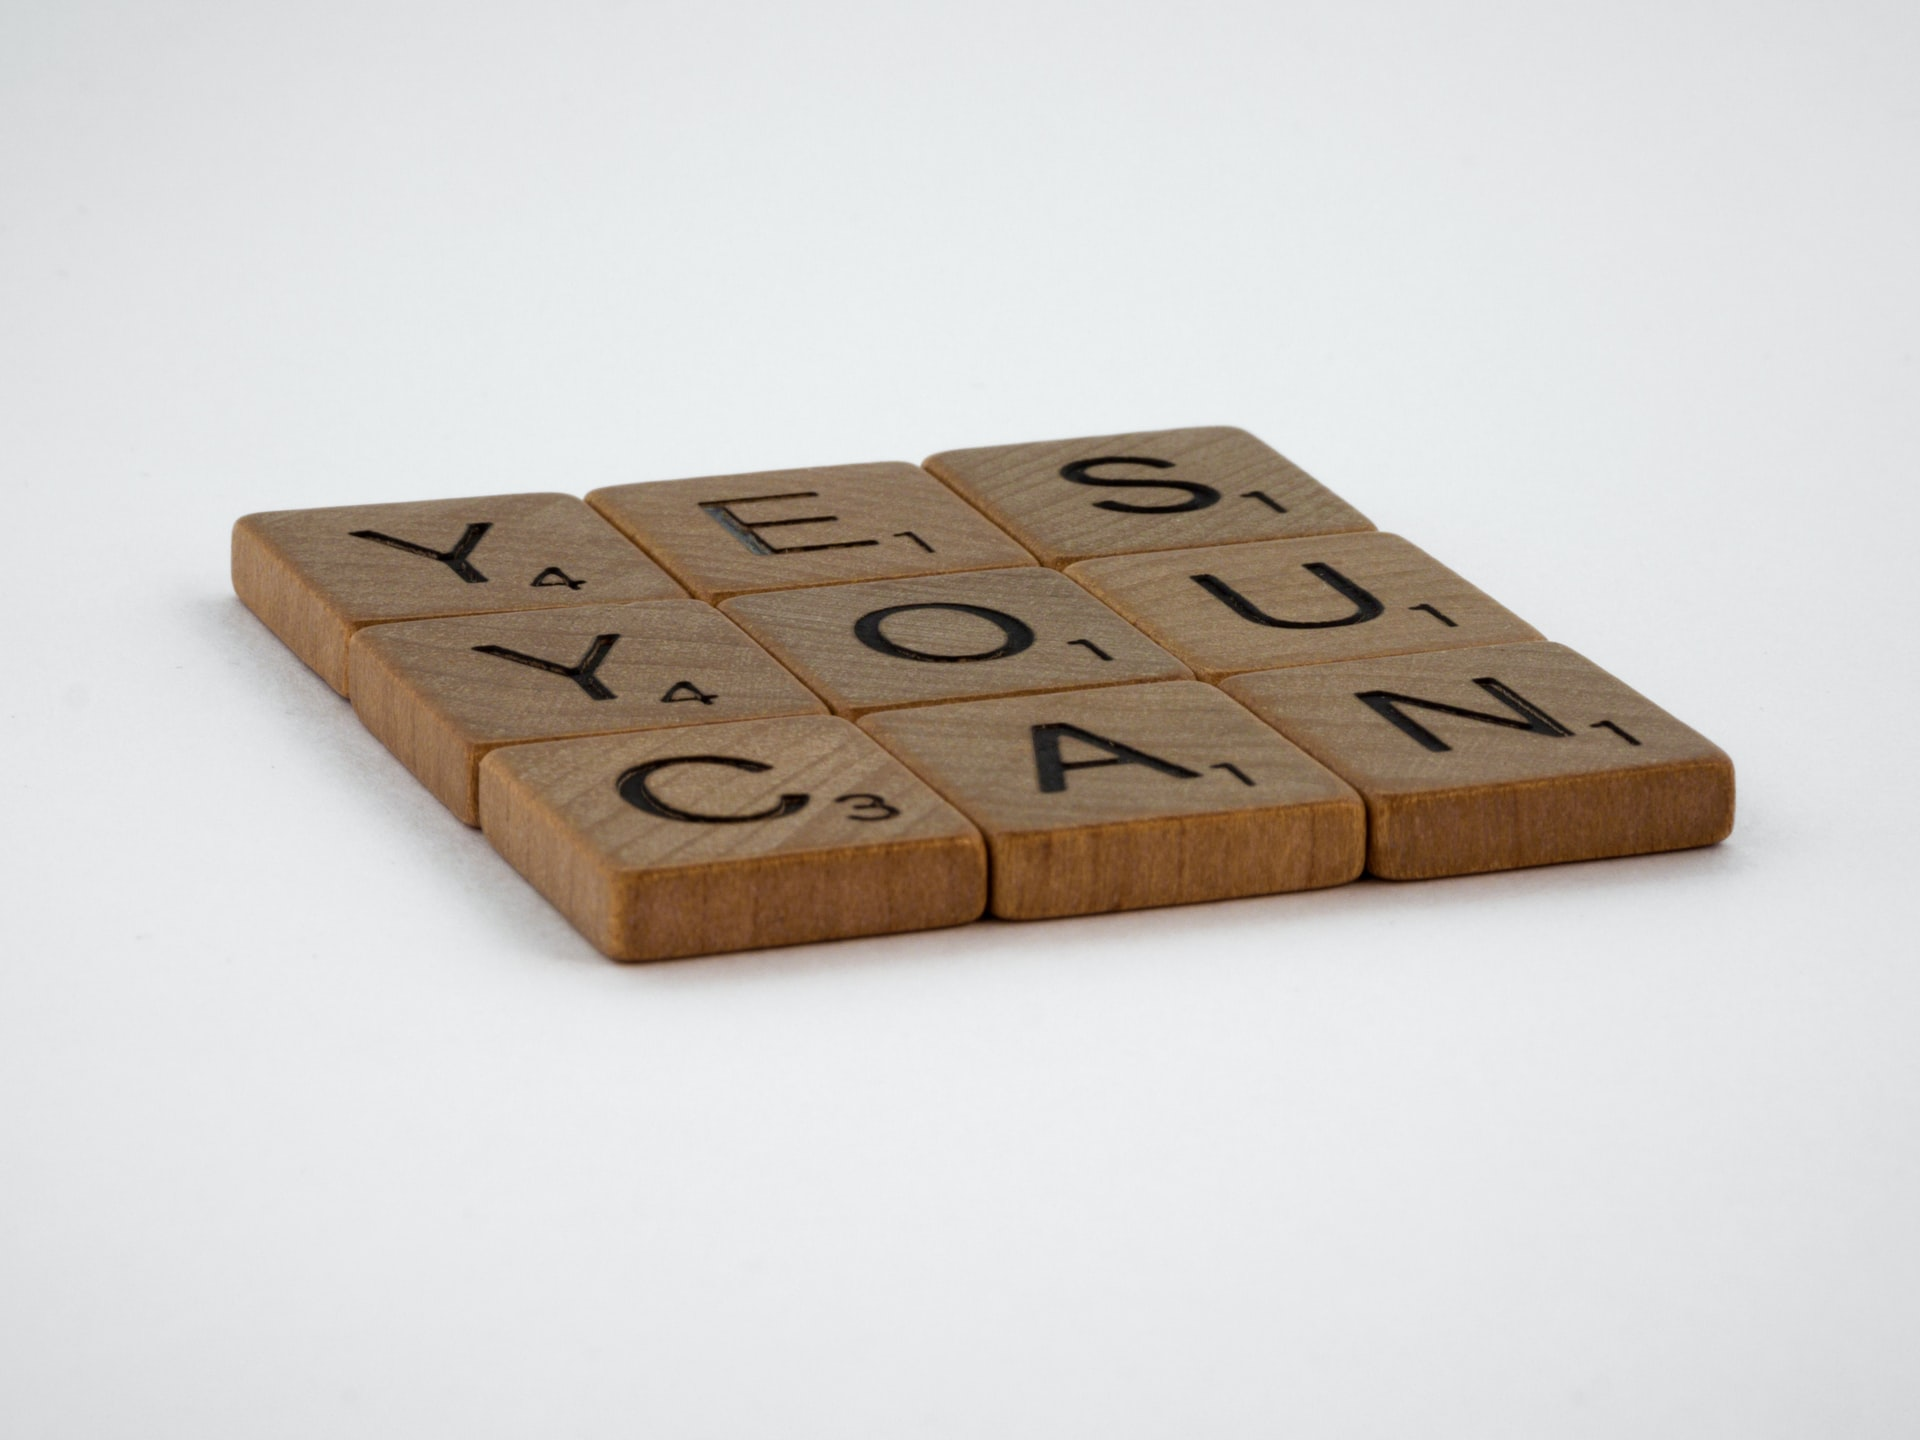 """Scrabble-Buchstaben-Steine bilden die Wörter """"Yes you can""""."""